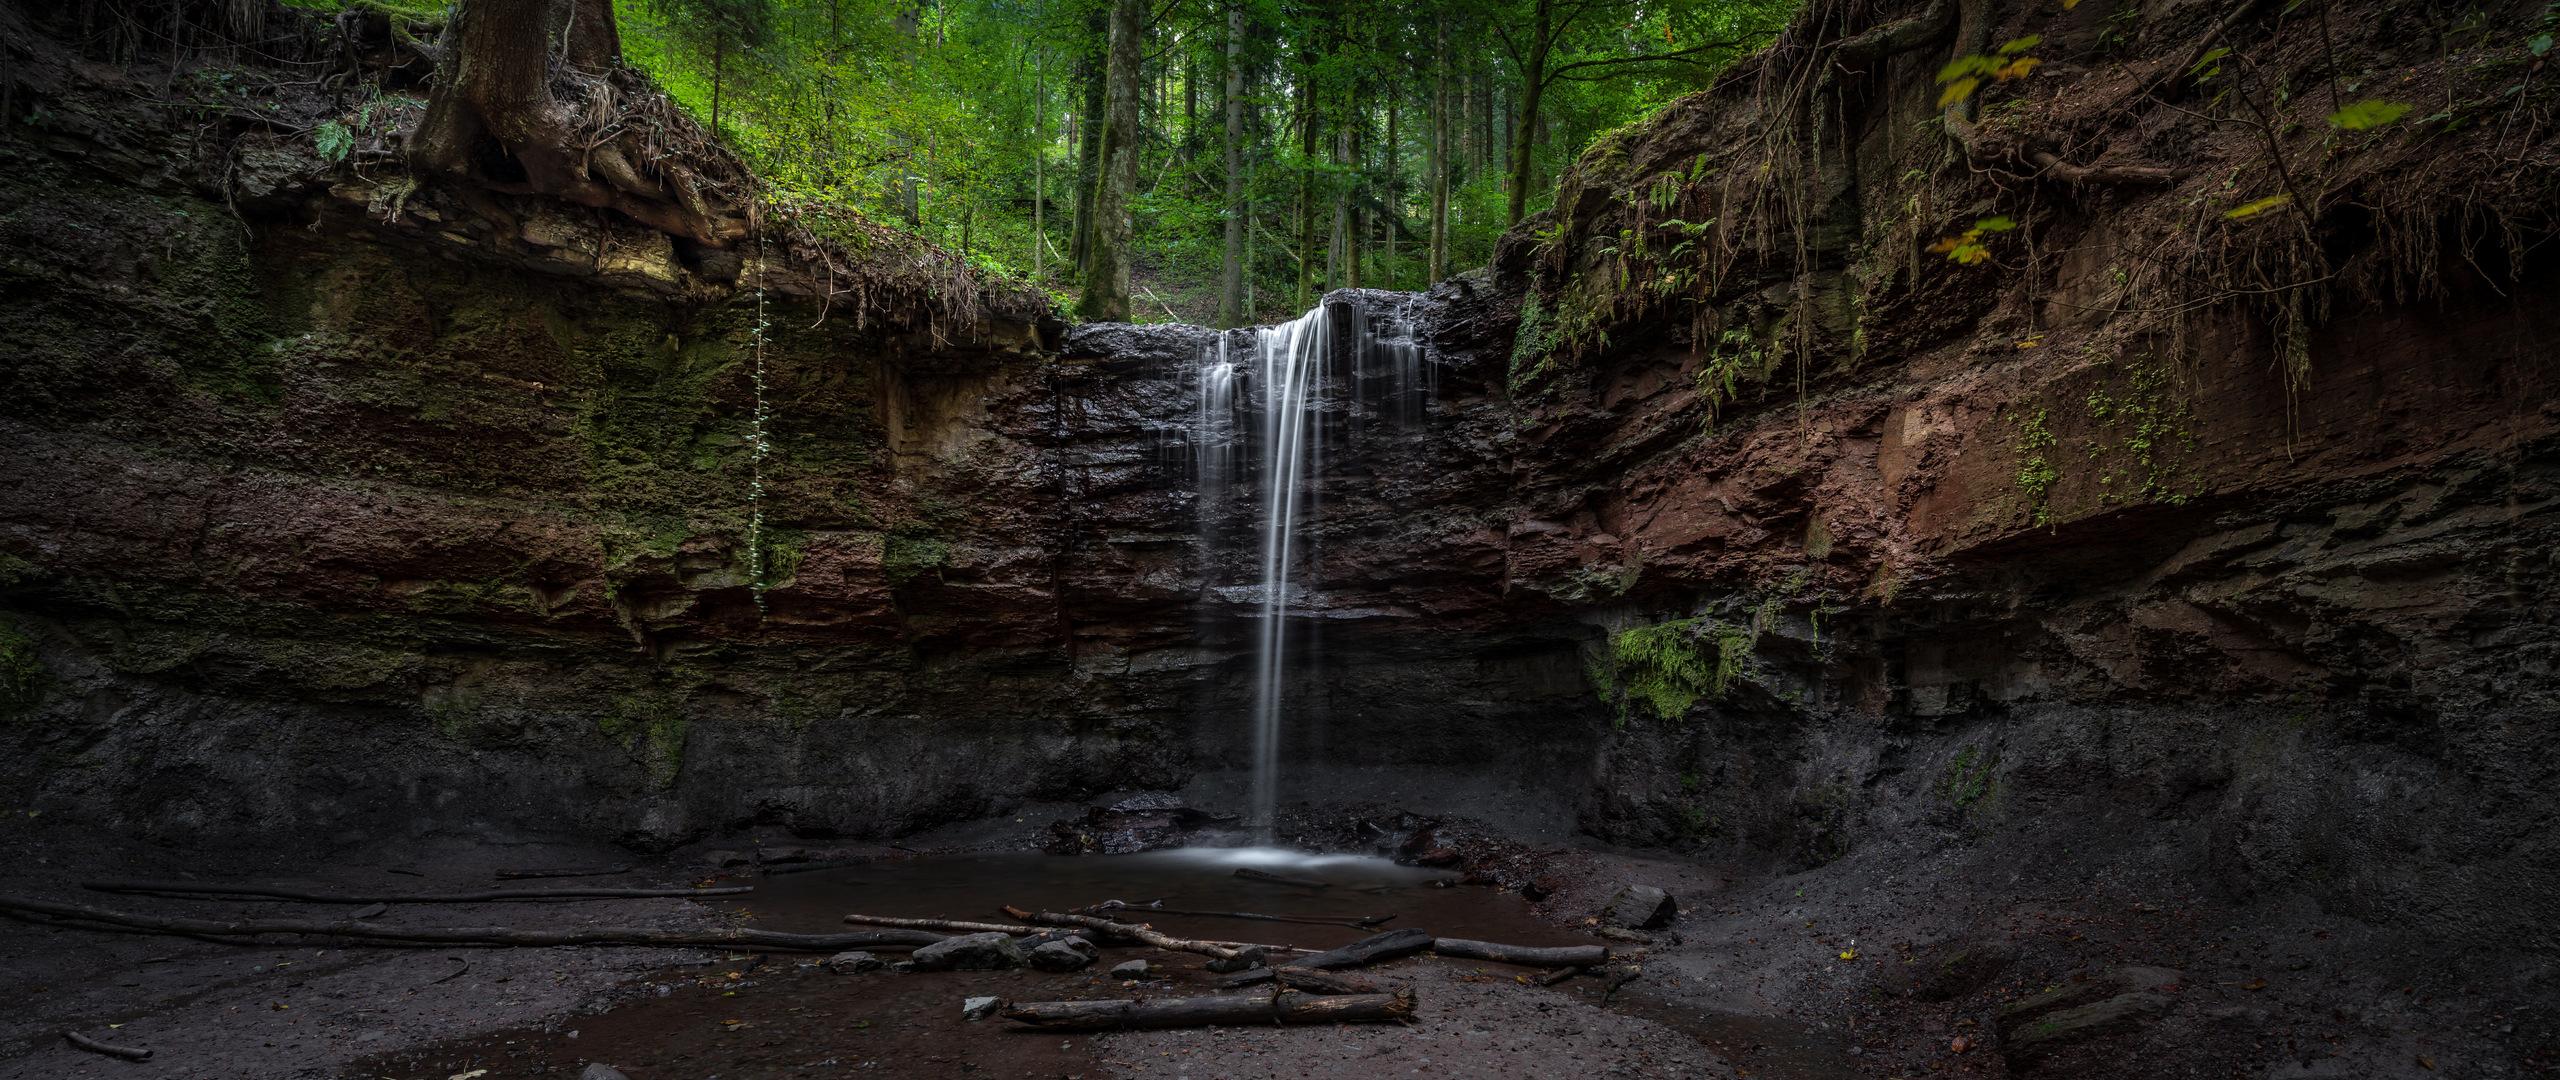 waterfall-forest-8k-65.jpg